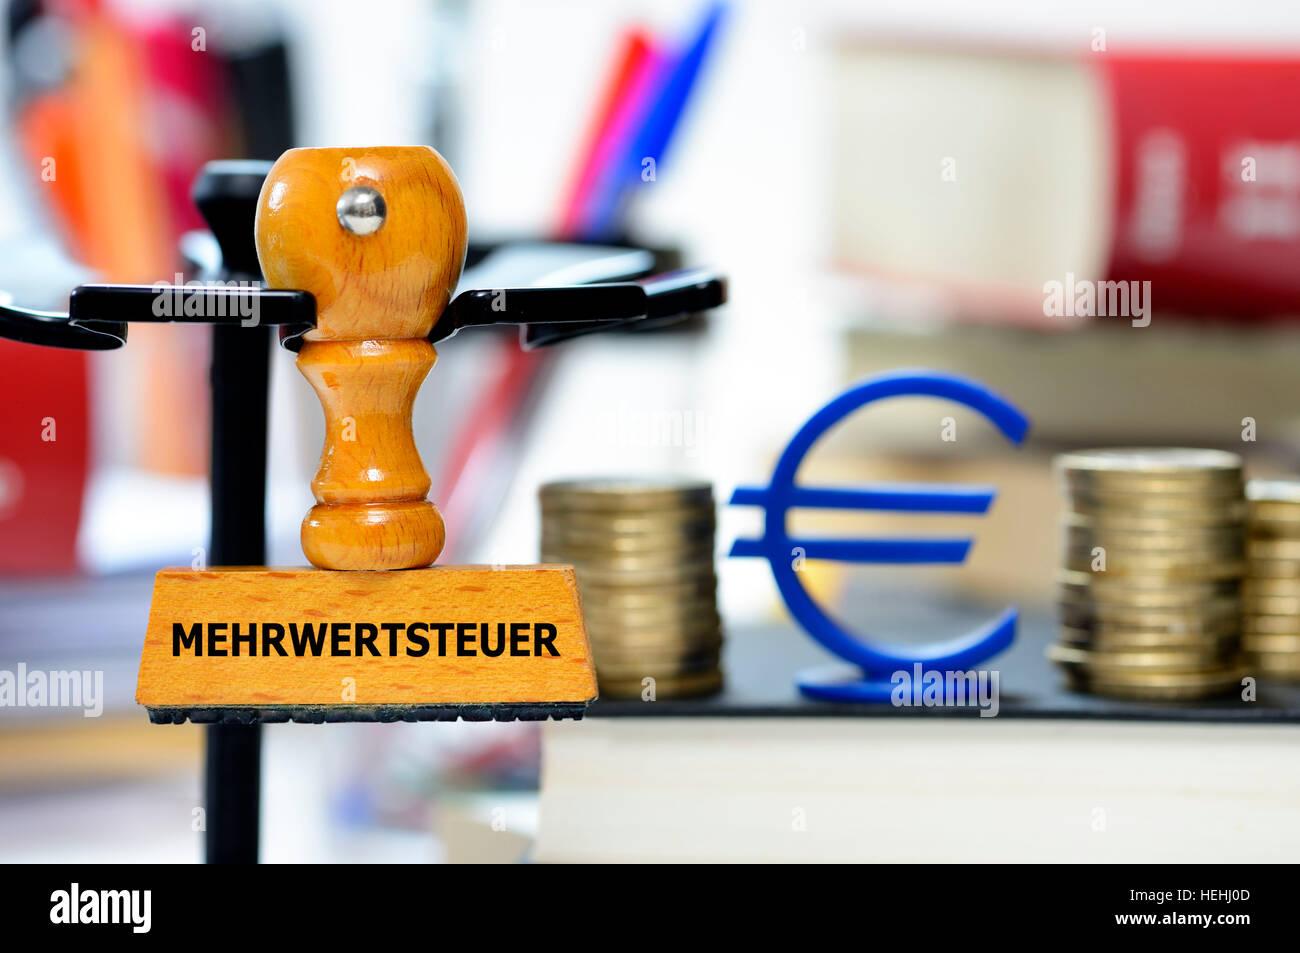 Stempel mit der Aufschrift Mehrwertsteuer - Stock Image